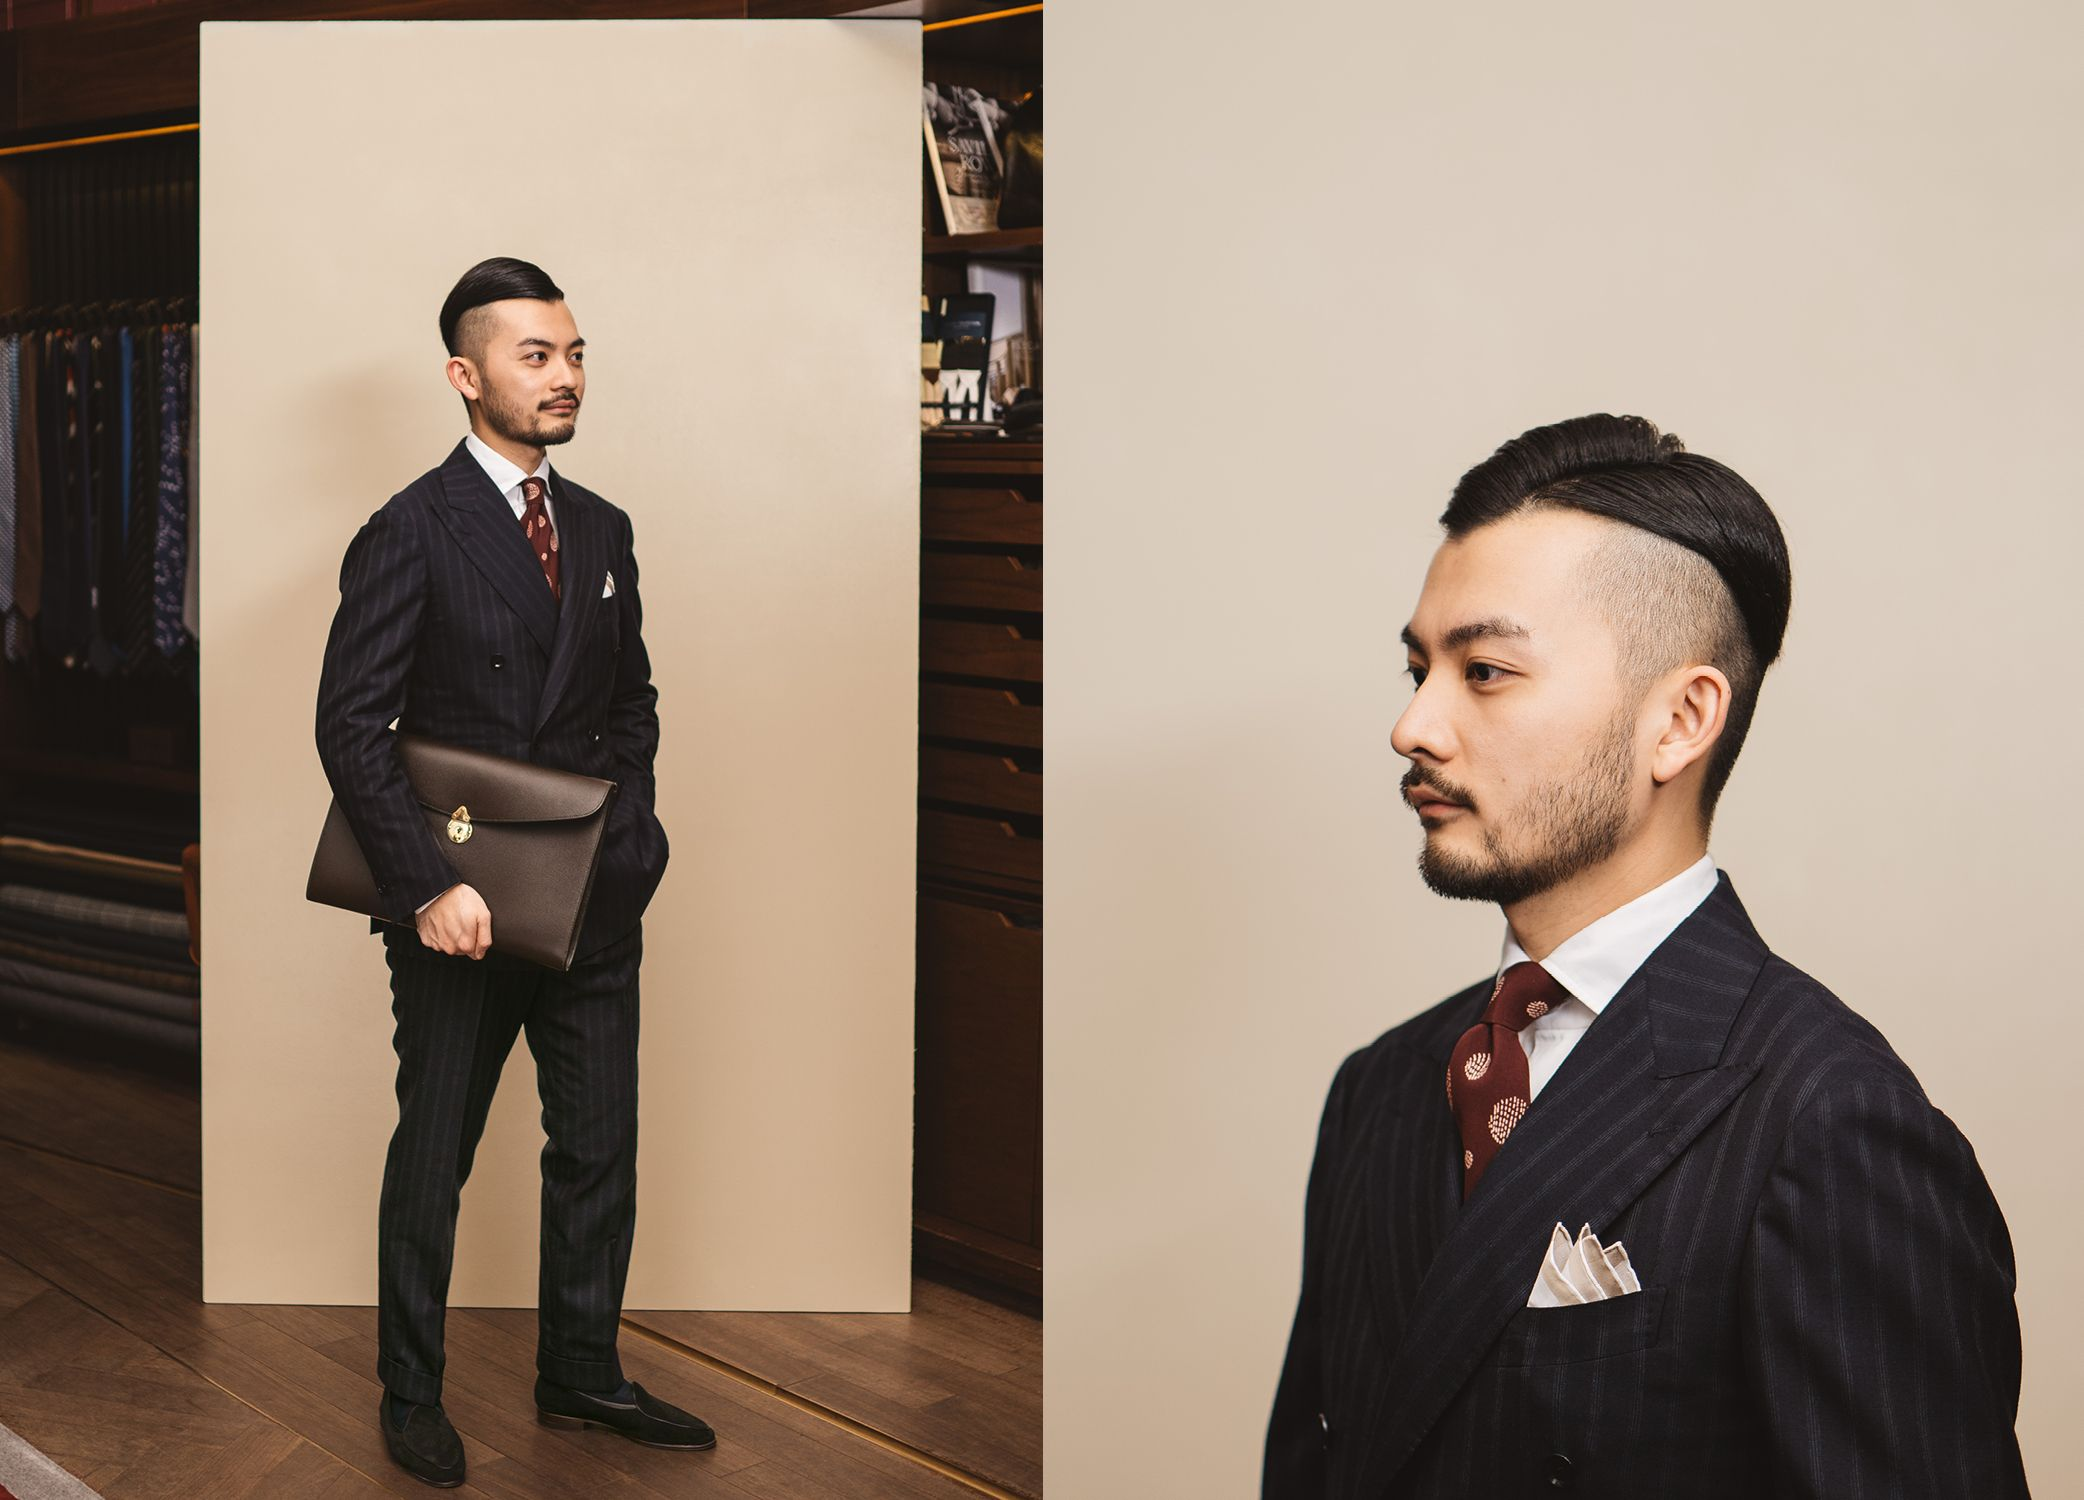 Shop Look 1 Shop Look 1 Shop Look 2 Shop Look 2 Shop Look 3 Orazio Luciano MTM Pinstripe Suit | Saint Crispin's MTO 522C Shop Look 3 Orazio Luciano MTM Pinstrip